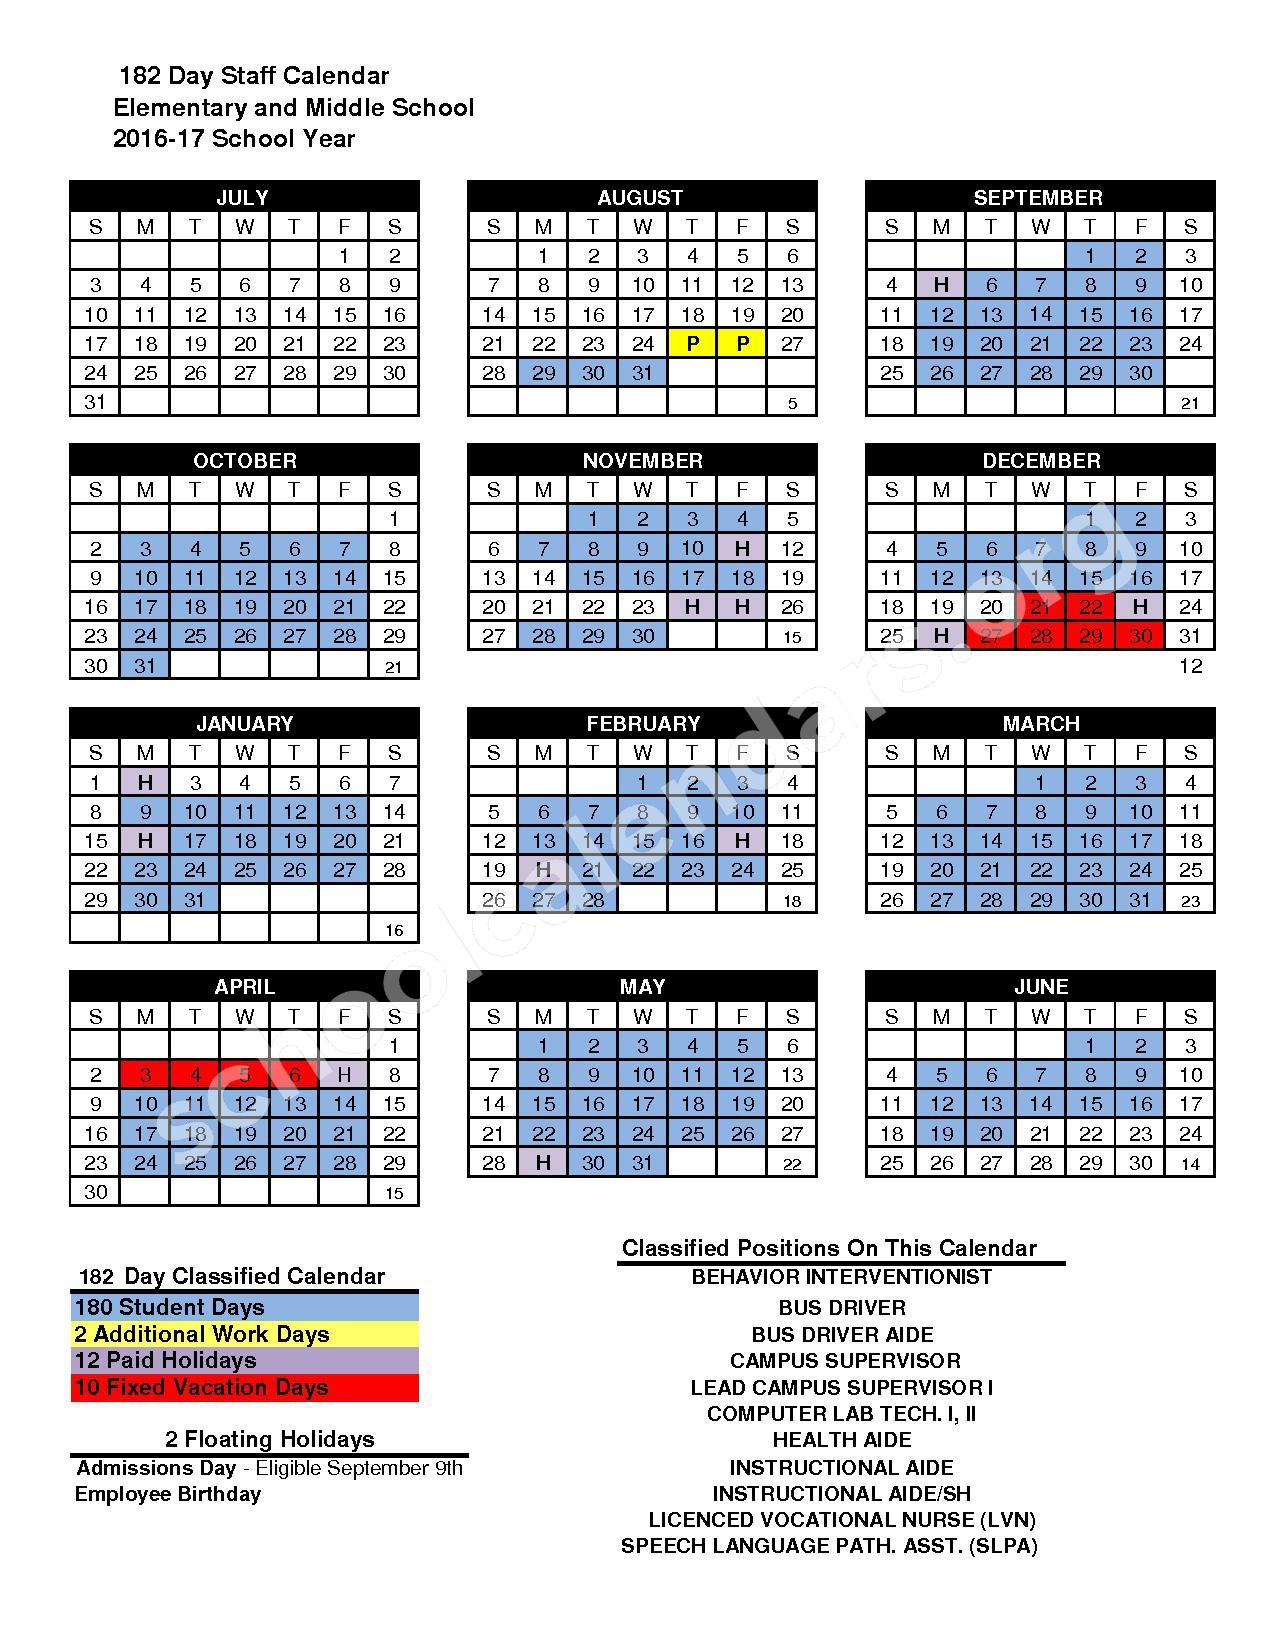 2016 - 2017 Modle School District Calendar – San Marcos Unified School District – page 1